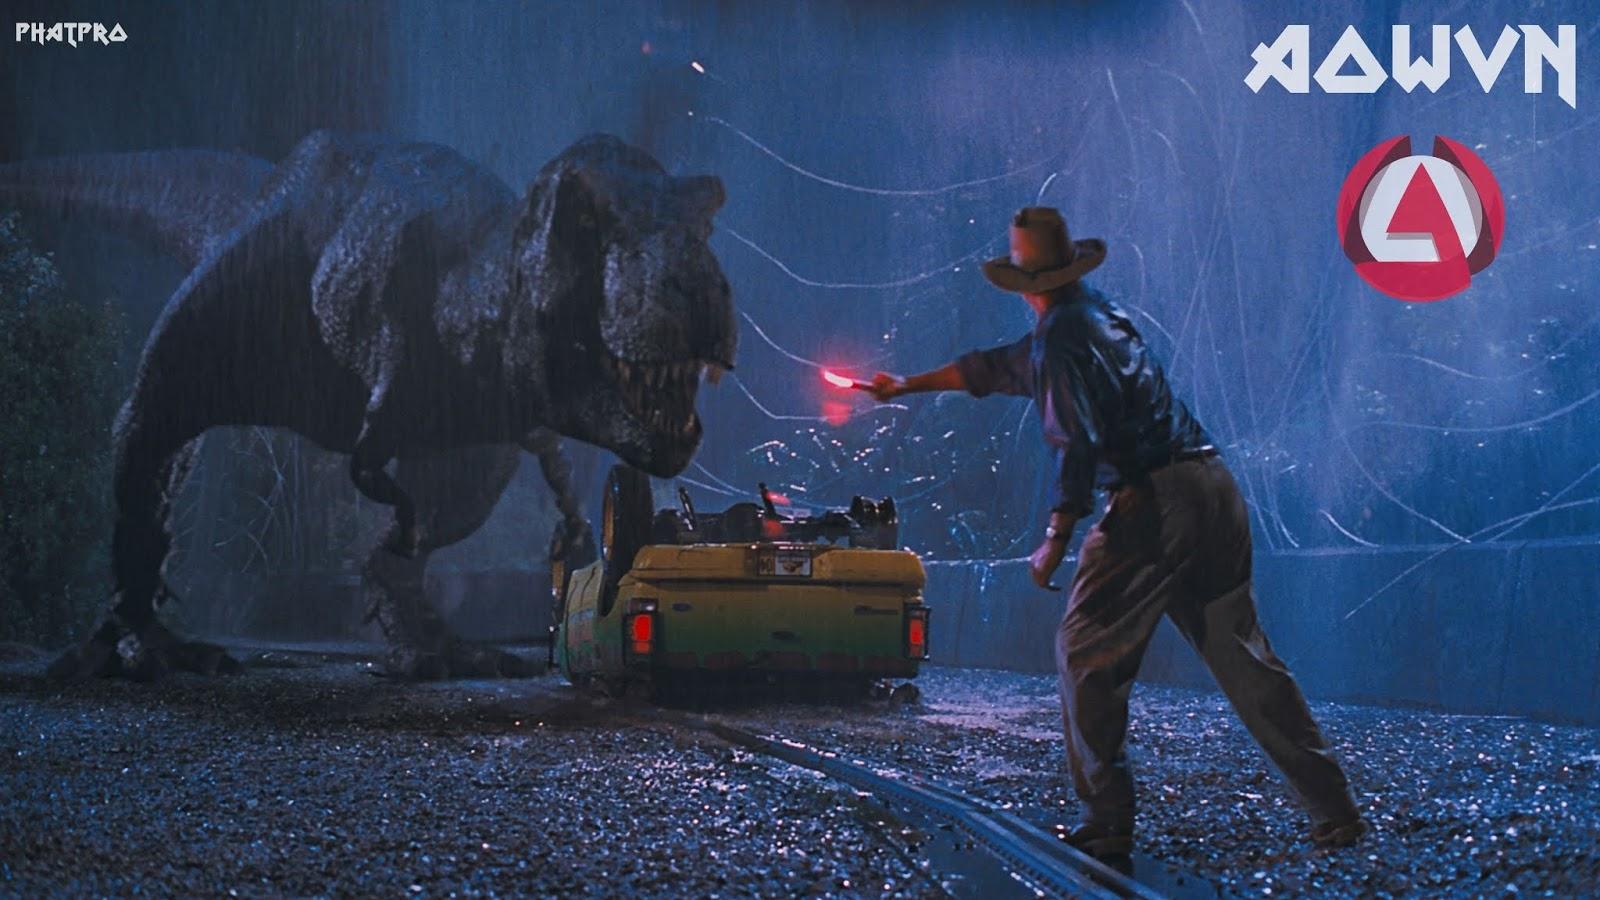 Jura%2B1%2B %2BPhatpro min - [ Phim 3gp Mp4 ] Tổng Hợp 5 Phần Jurassic Park + Jurassic World HD-BD | Vietsub - Bom Tấn Mỹ Siêu Hay